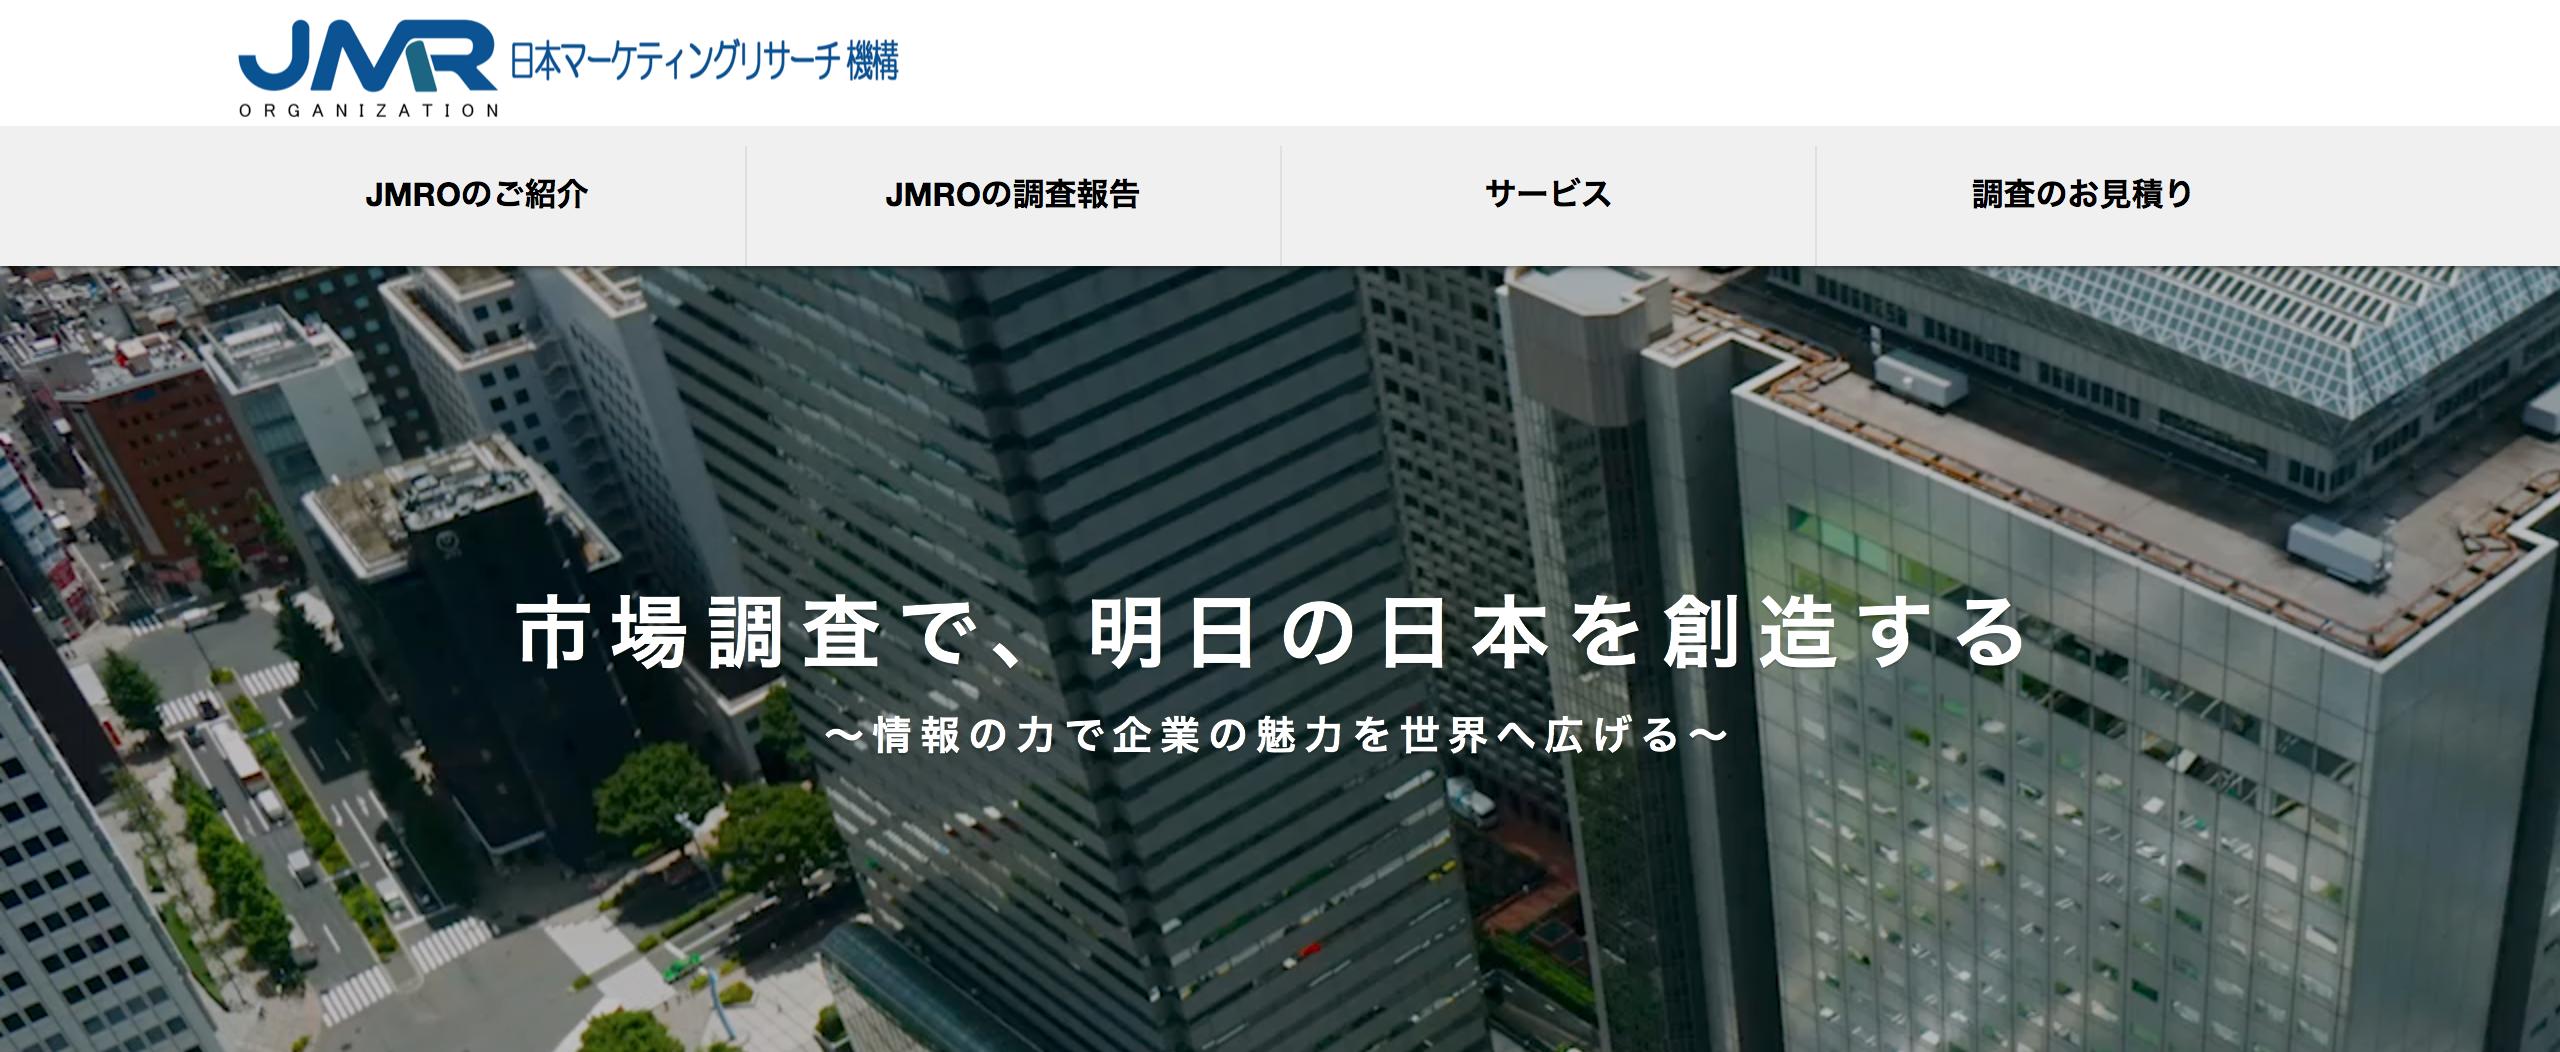 日本マーケティングリサーチ機構_サイトtop